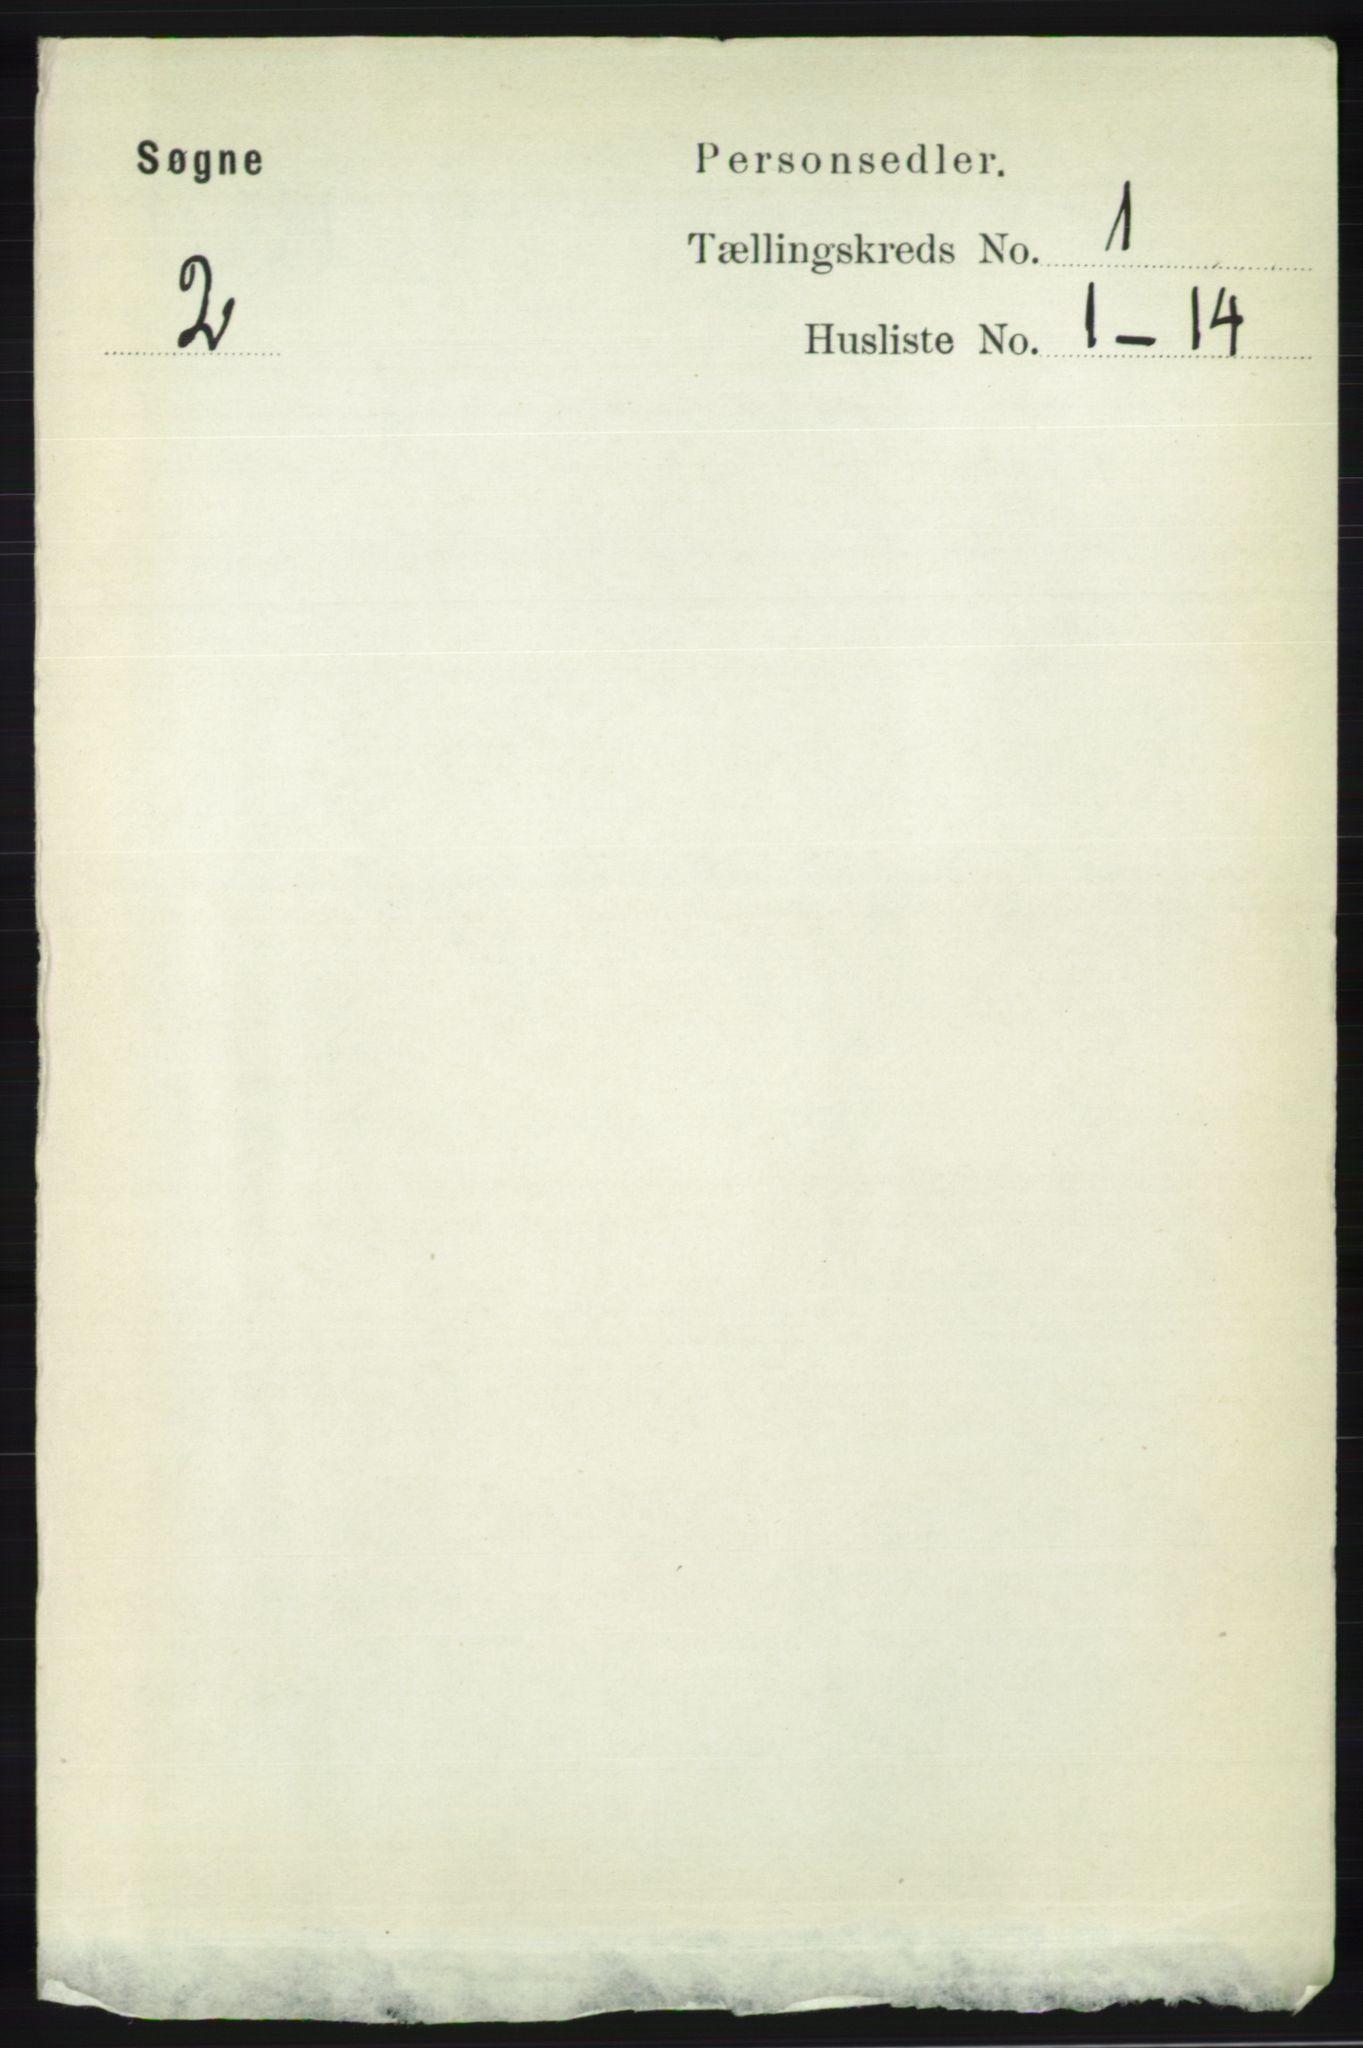 RA, Folketelling 1891 for 1018 Søgne herred, 1891, s. 63